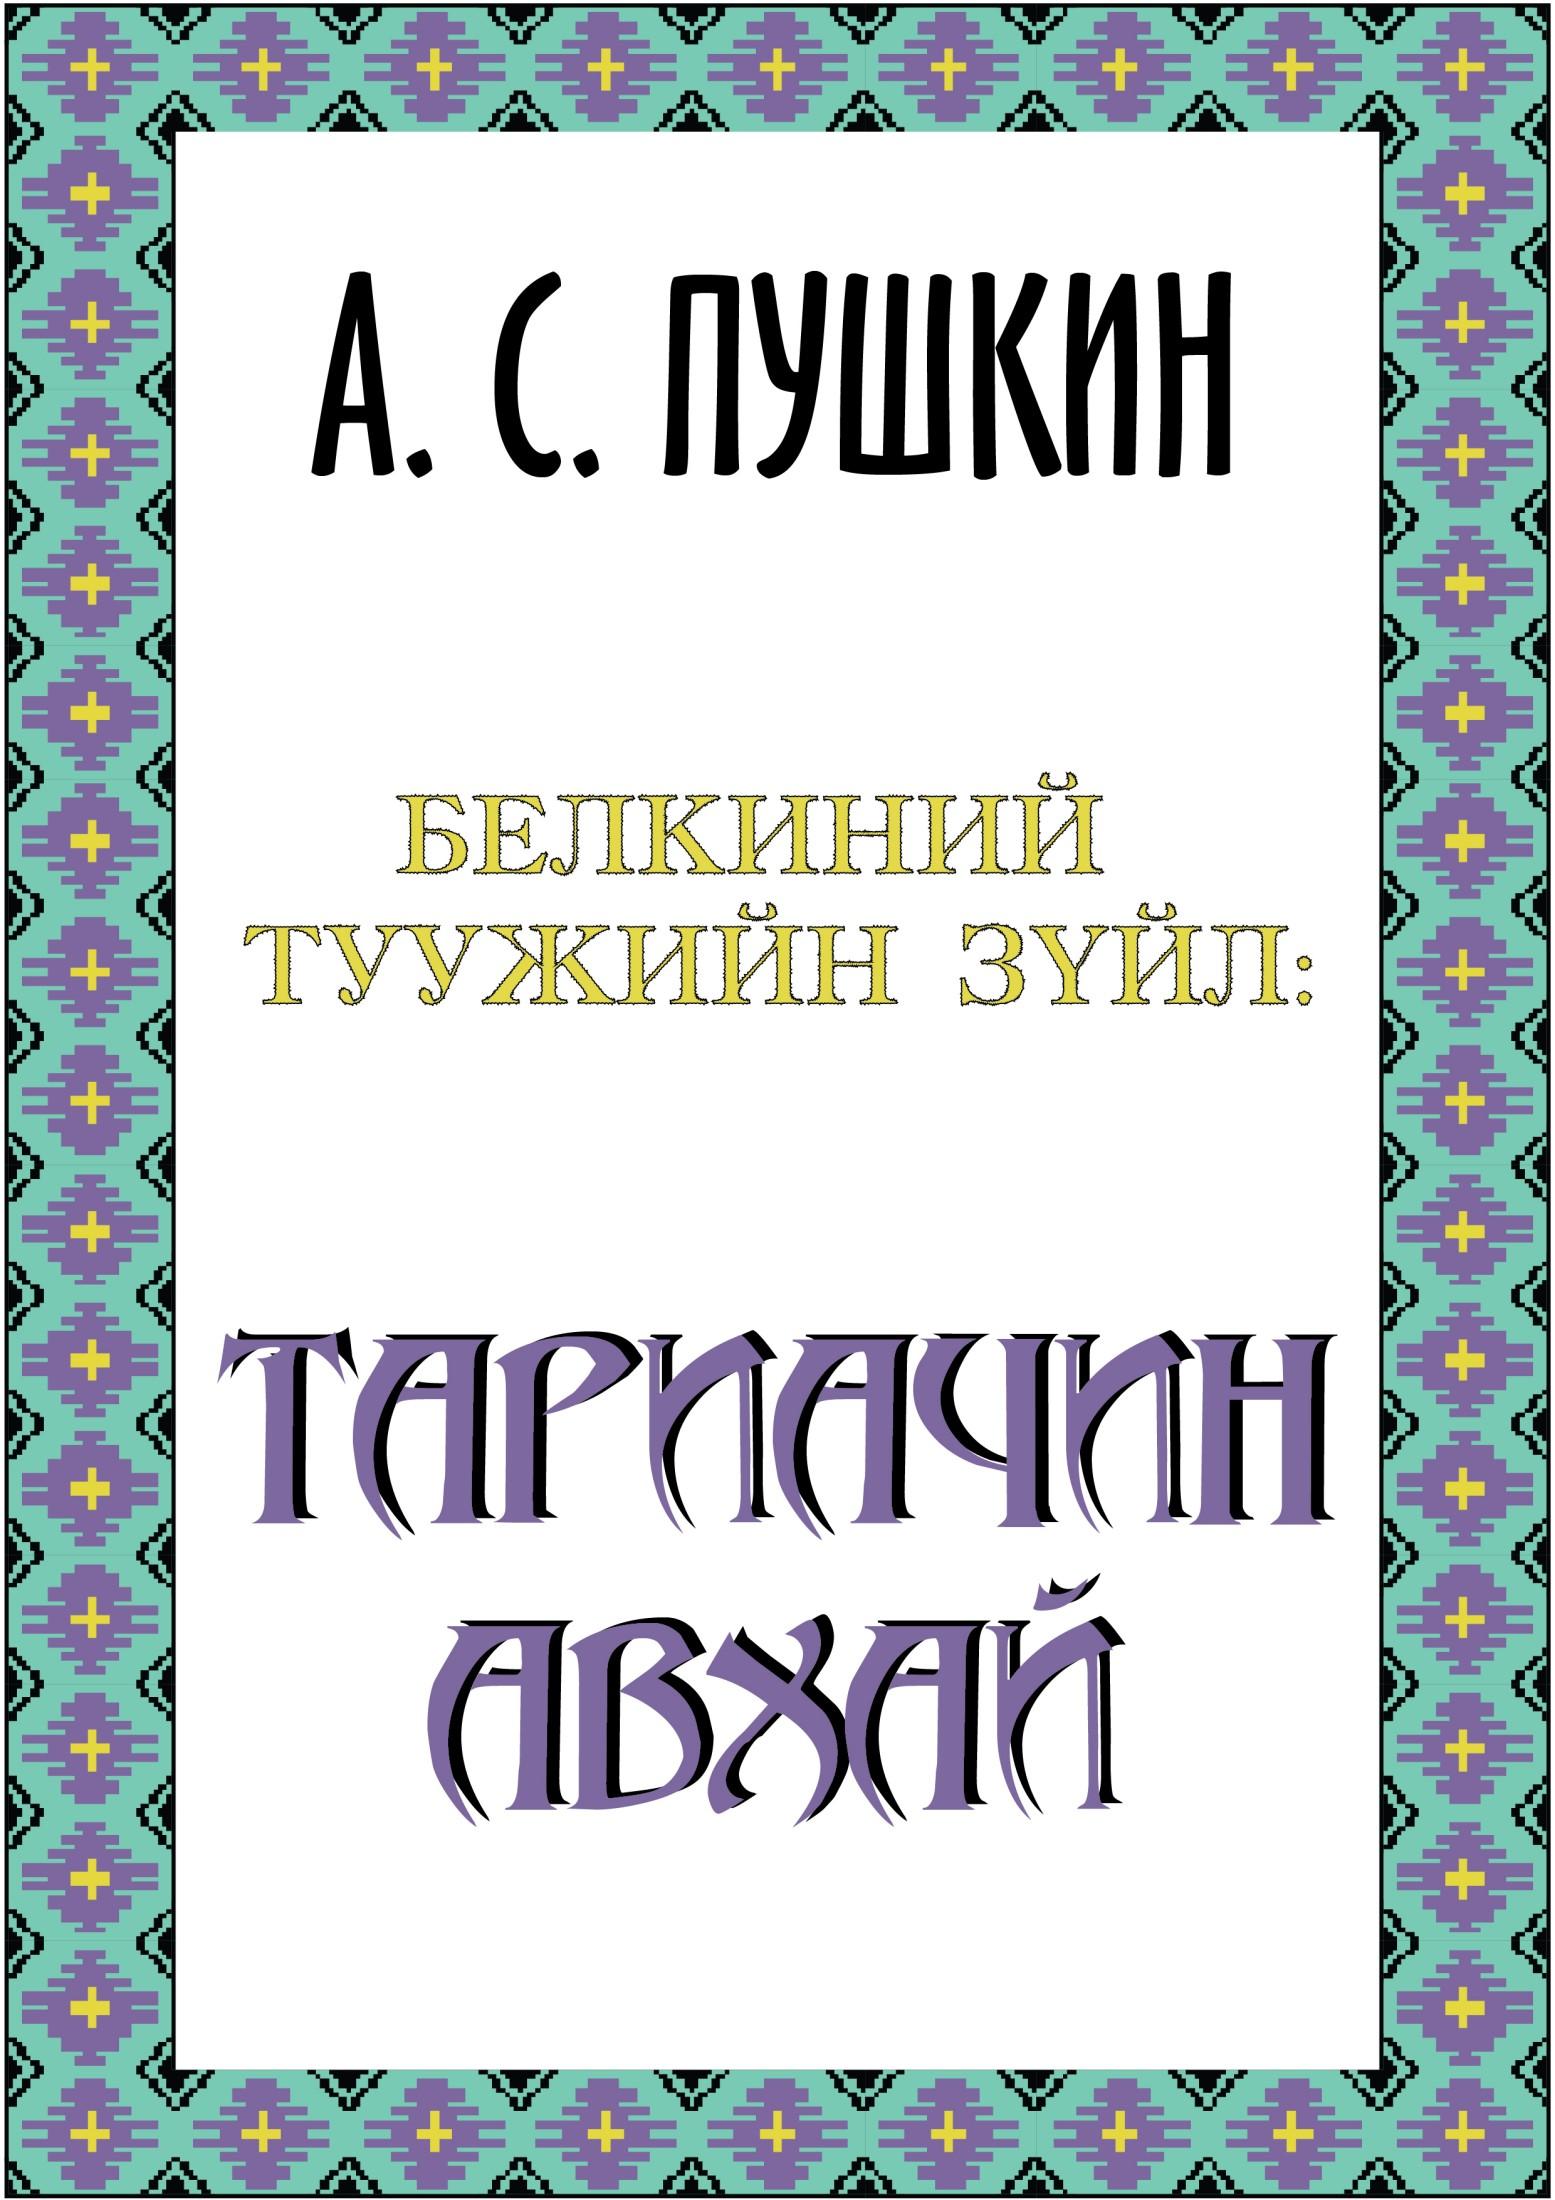 ТАРИАЧИН АВХАЙ